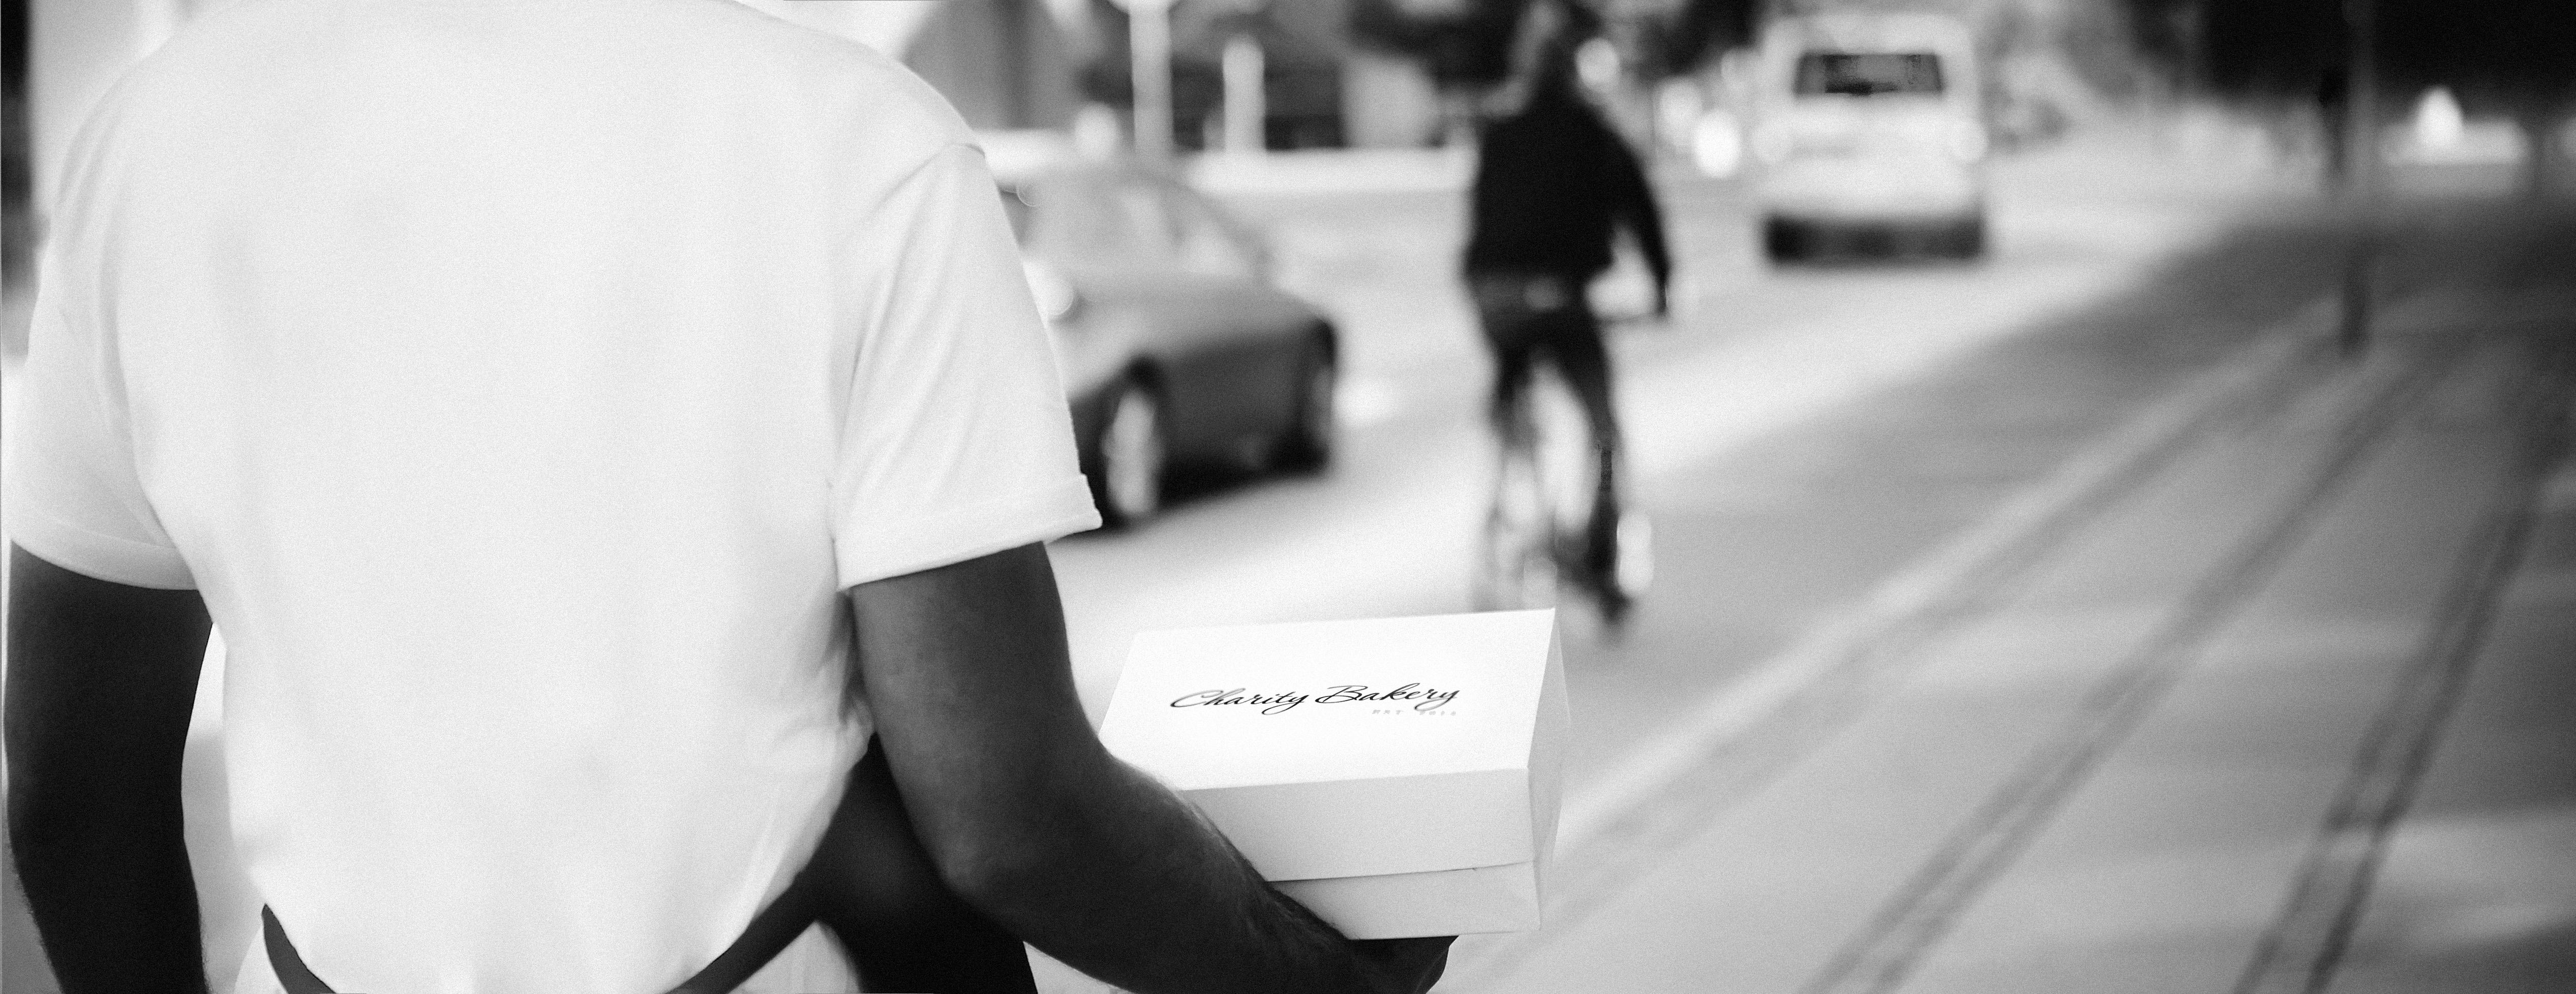 Startup forener kageglæde med velgørenhed